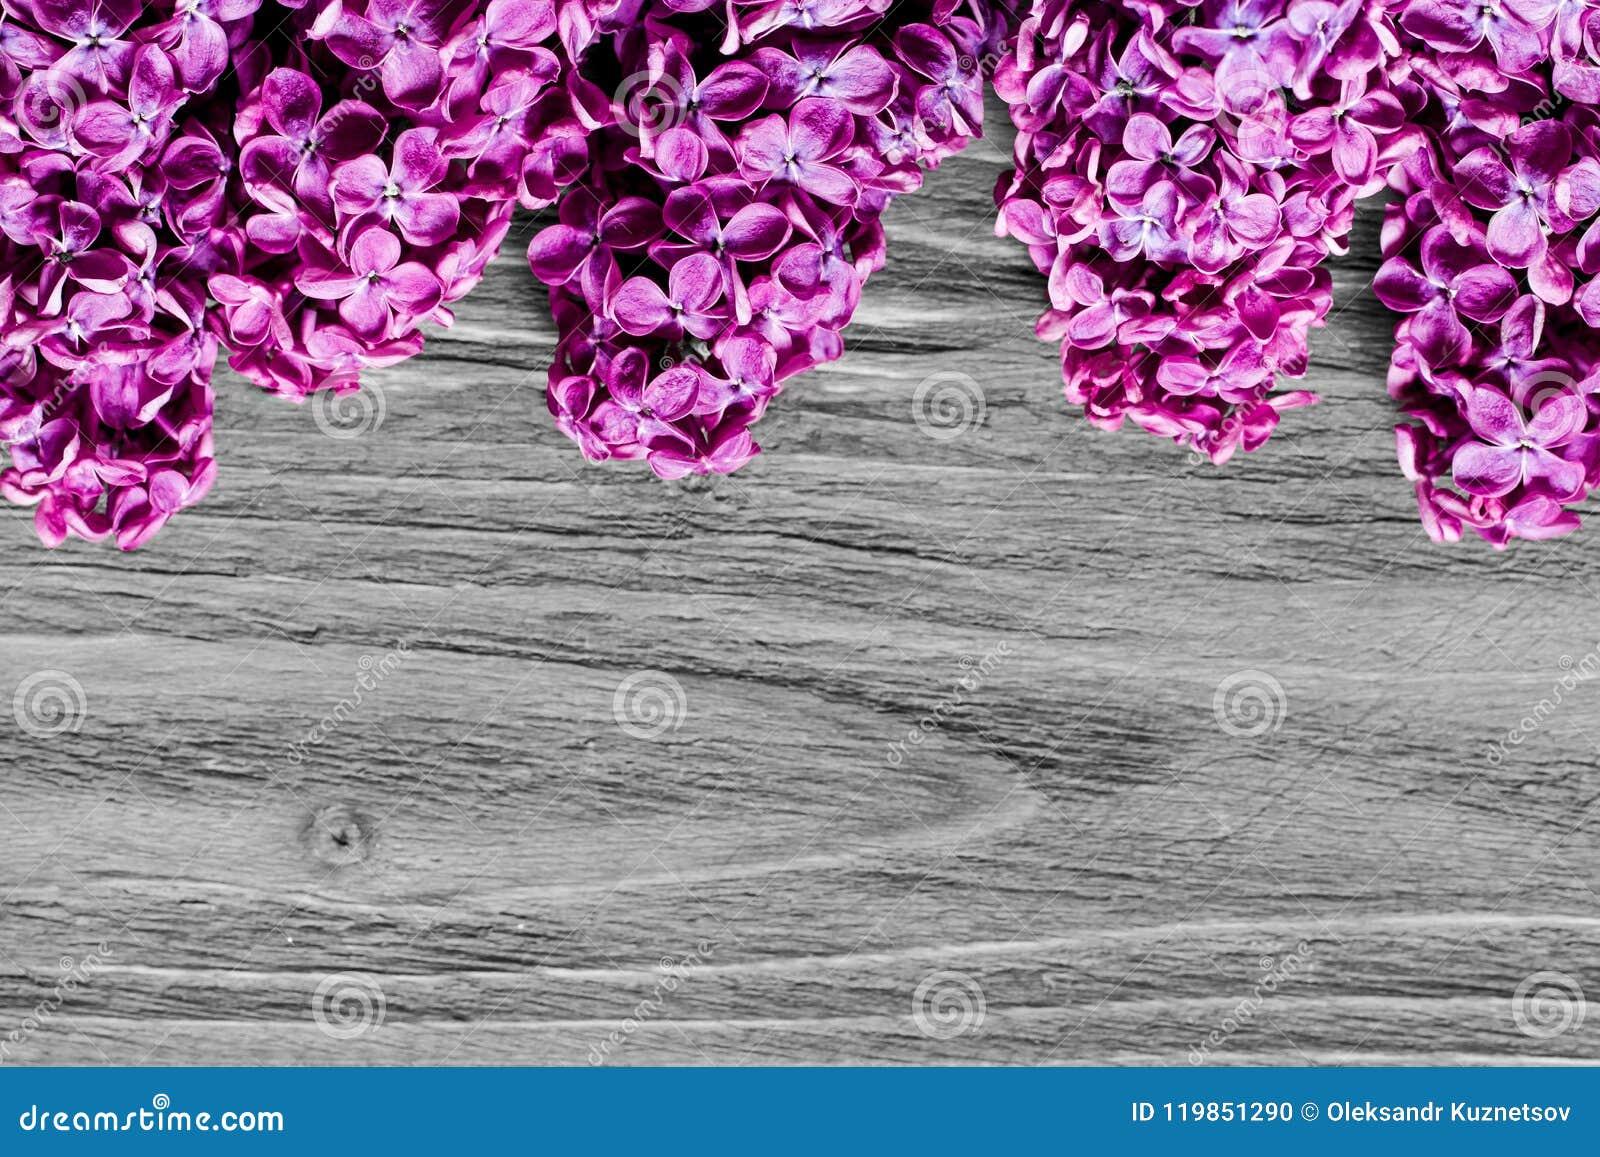 Δέσμη των φρέσκων ιωδών ιωδών λουλουδιών στην κορυφή του ξύλινου γκρίζου πίνακα